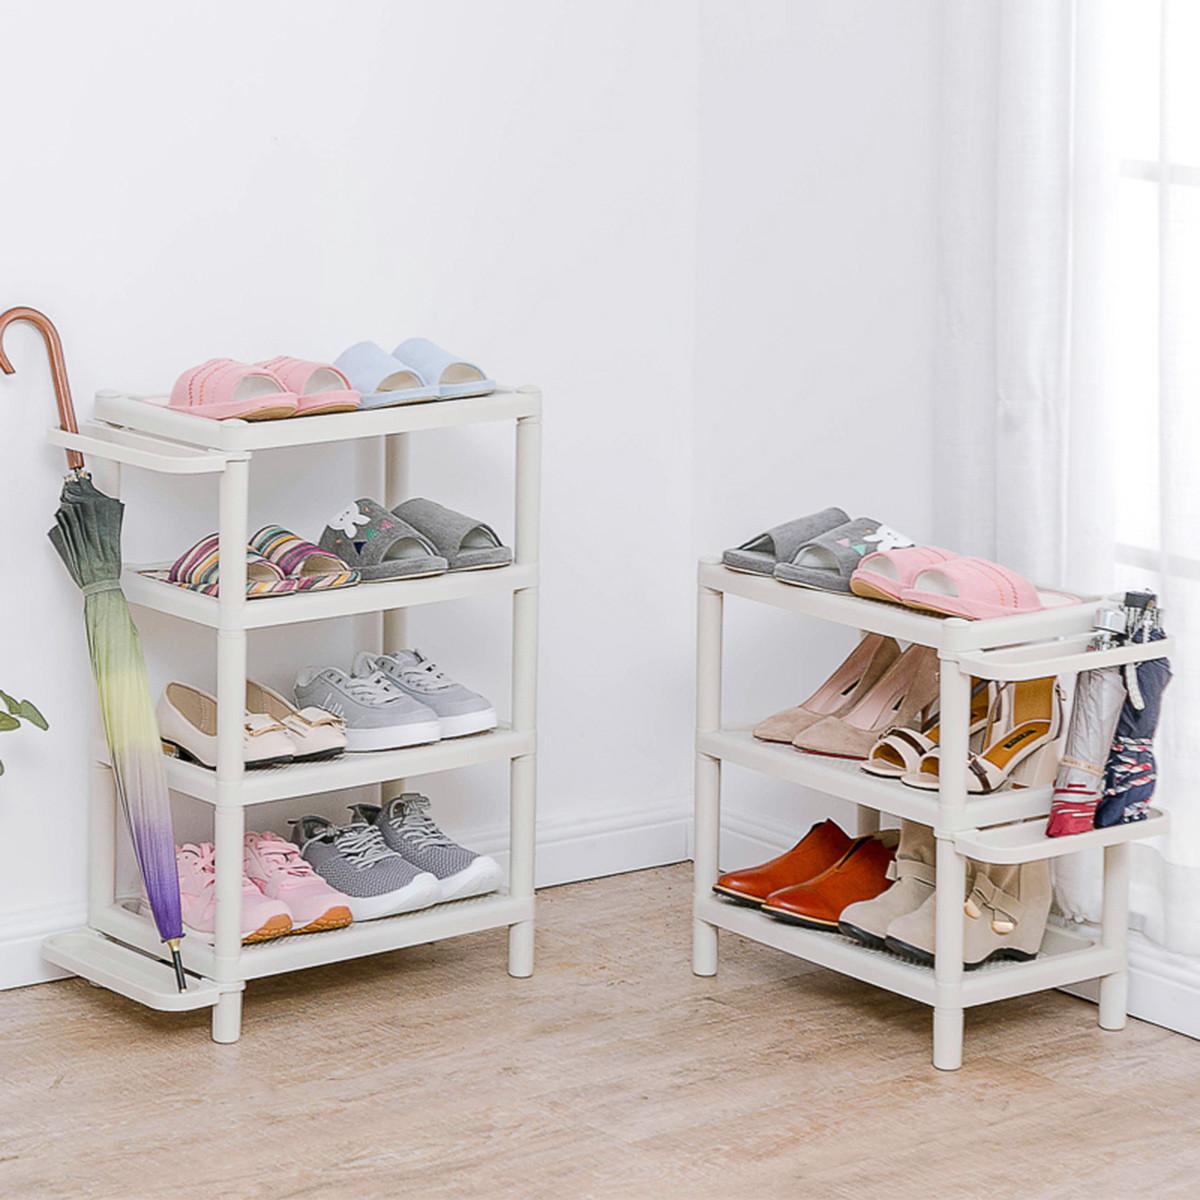 拼装鞋架该如何组装_家具装修